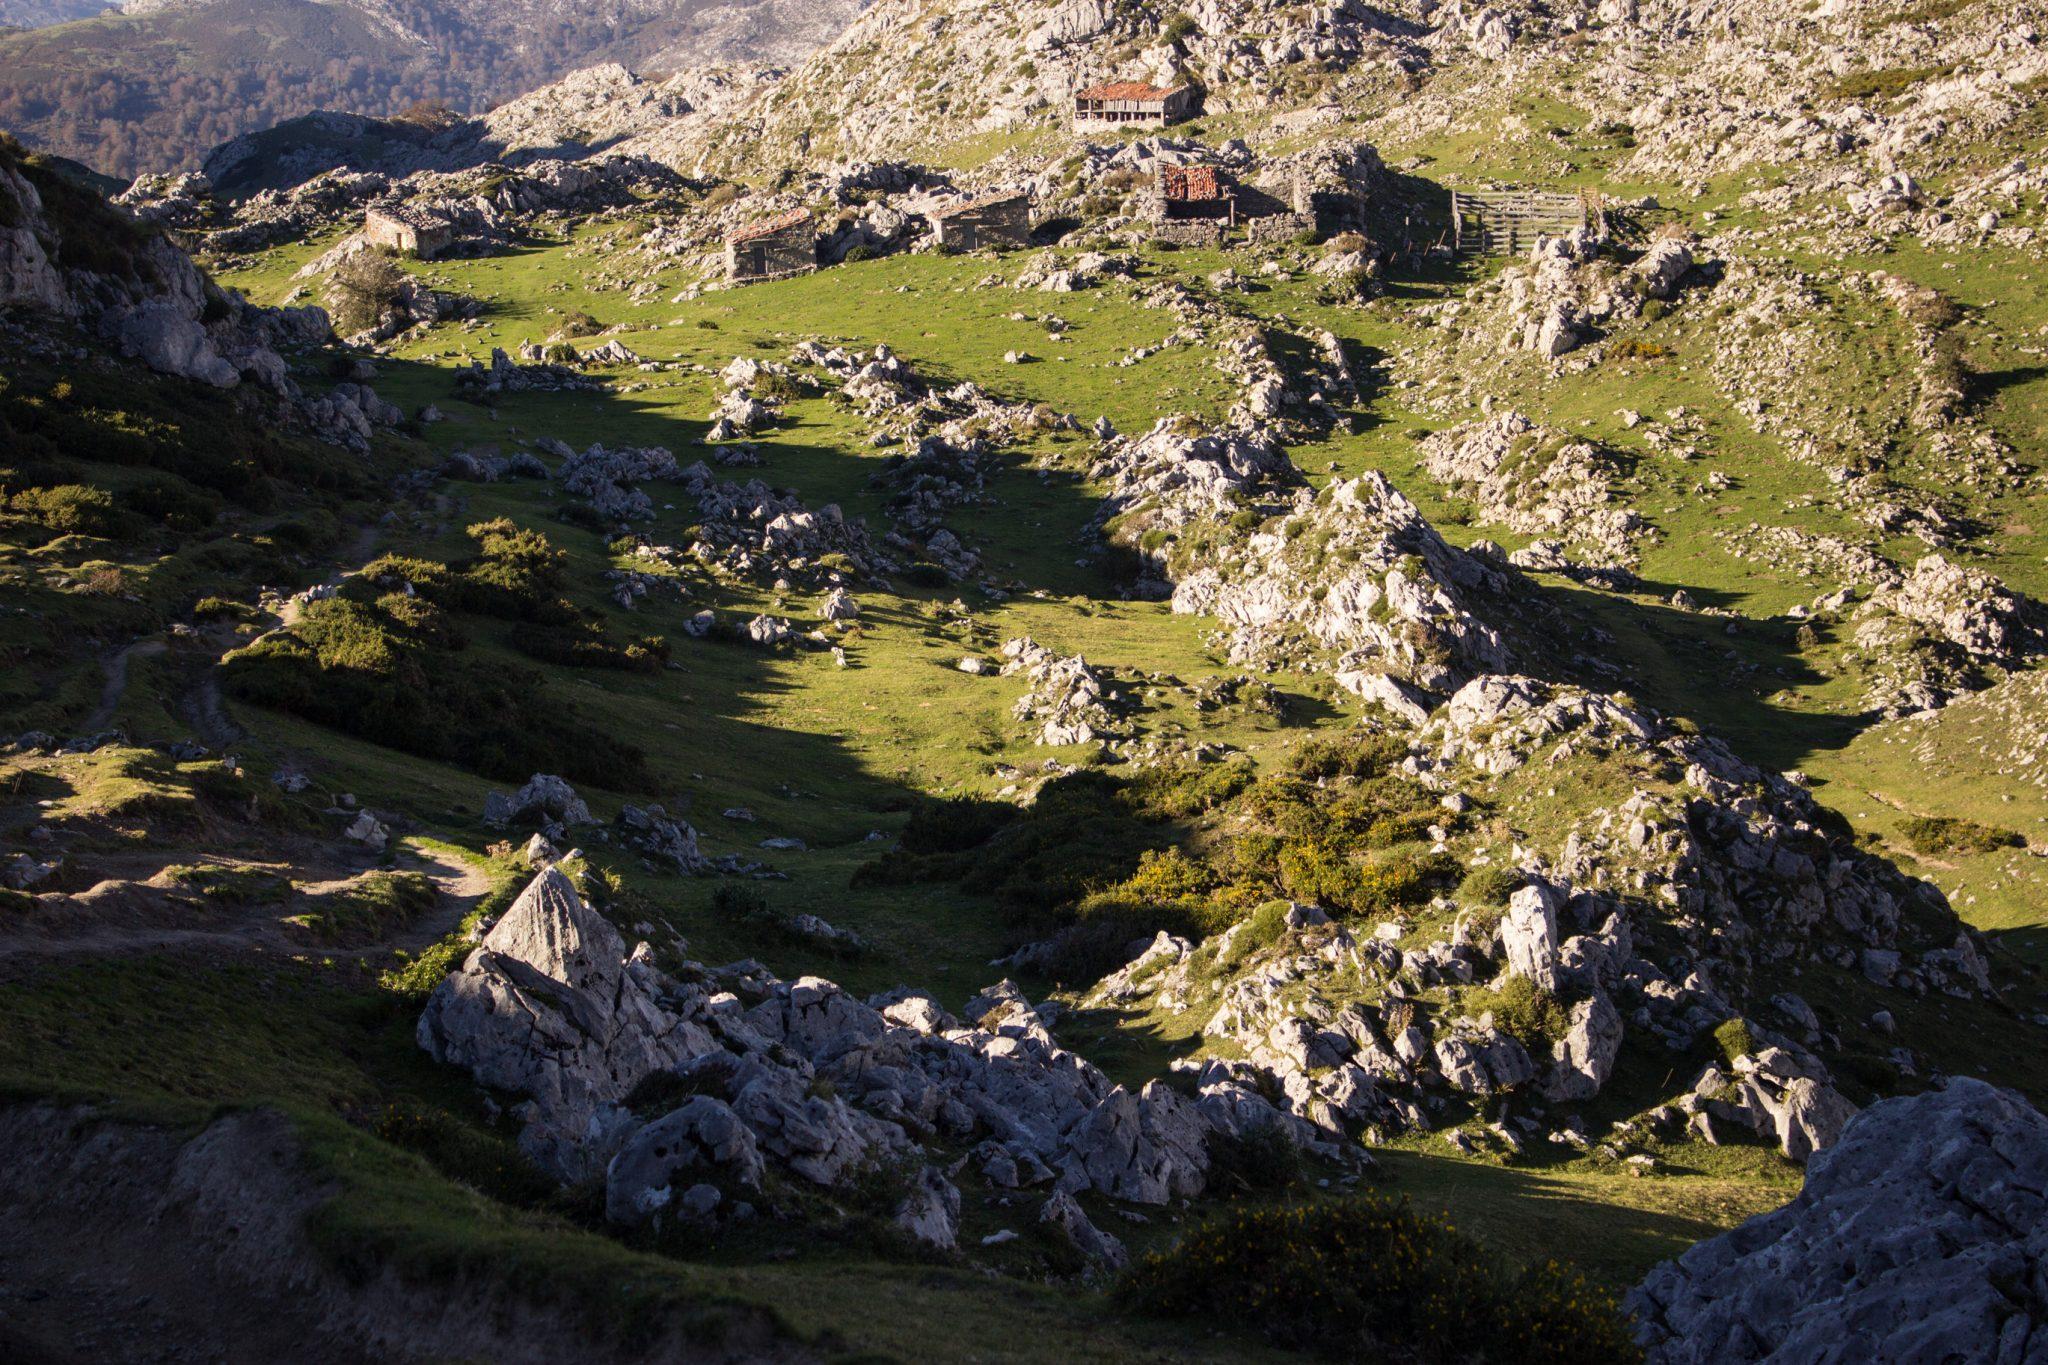 Wanderung Mirador de Ordiales Picos de Europa Spanien, schöner sehr schmaler und einsamer Wanderweg in Bergregion, Felsen und zerklüftete Steine, alte zerfallene Häuser, Nationalpark im Norden Spaniens